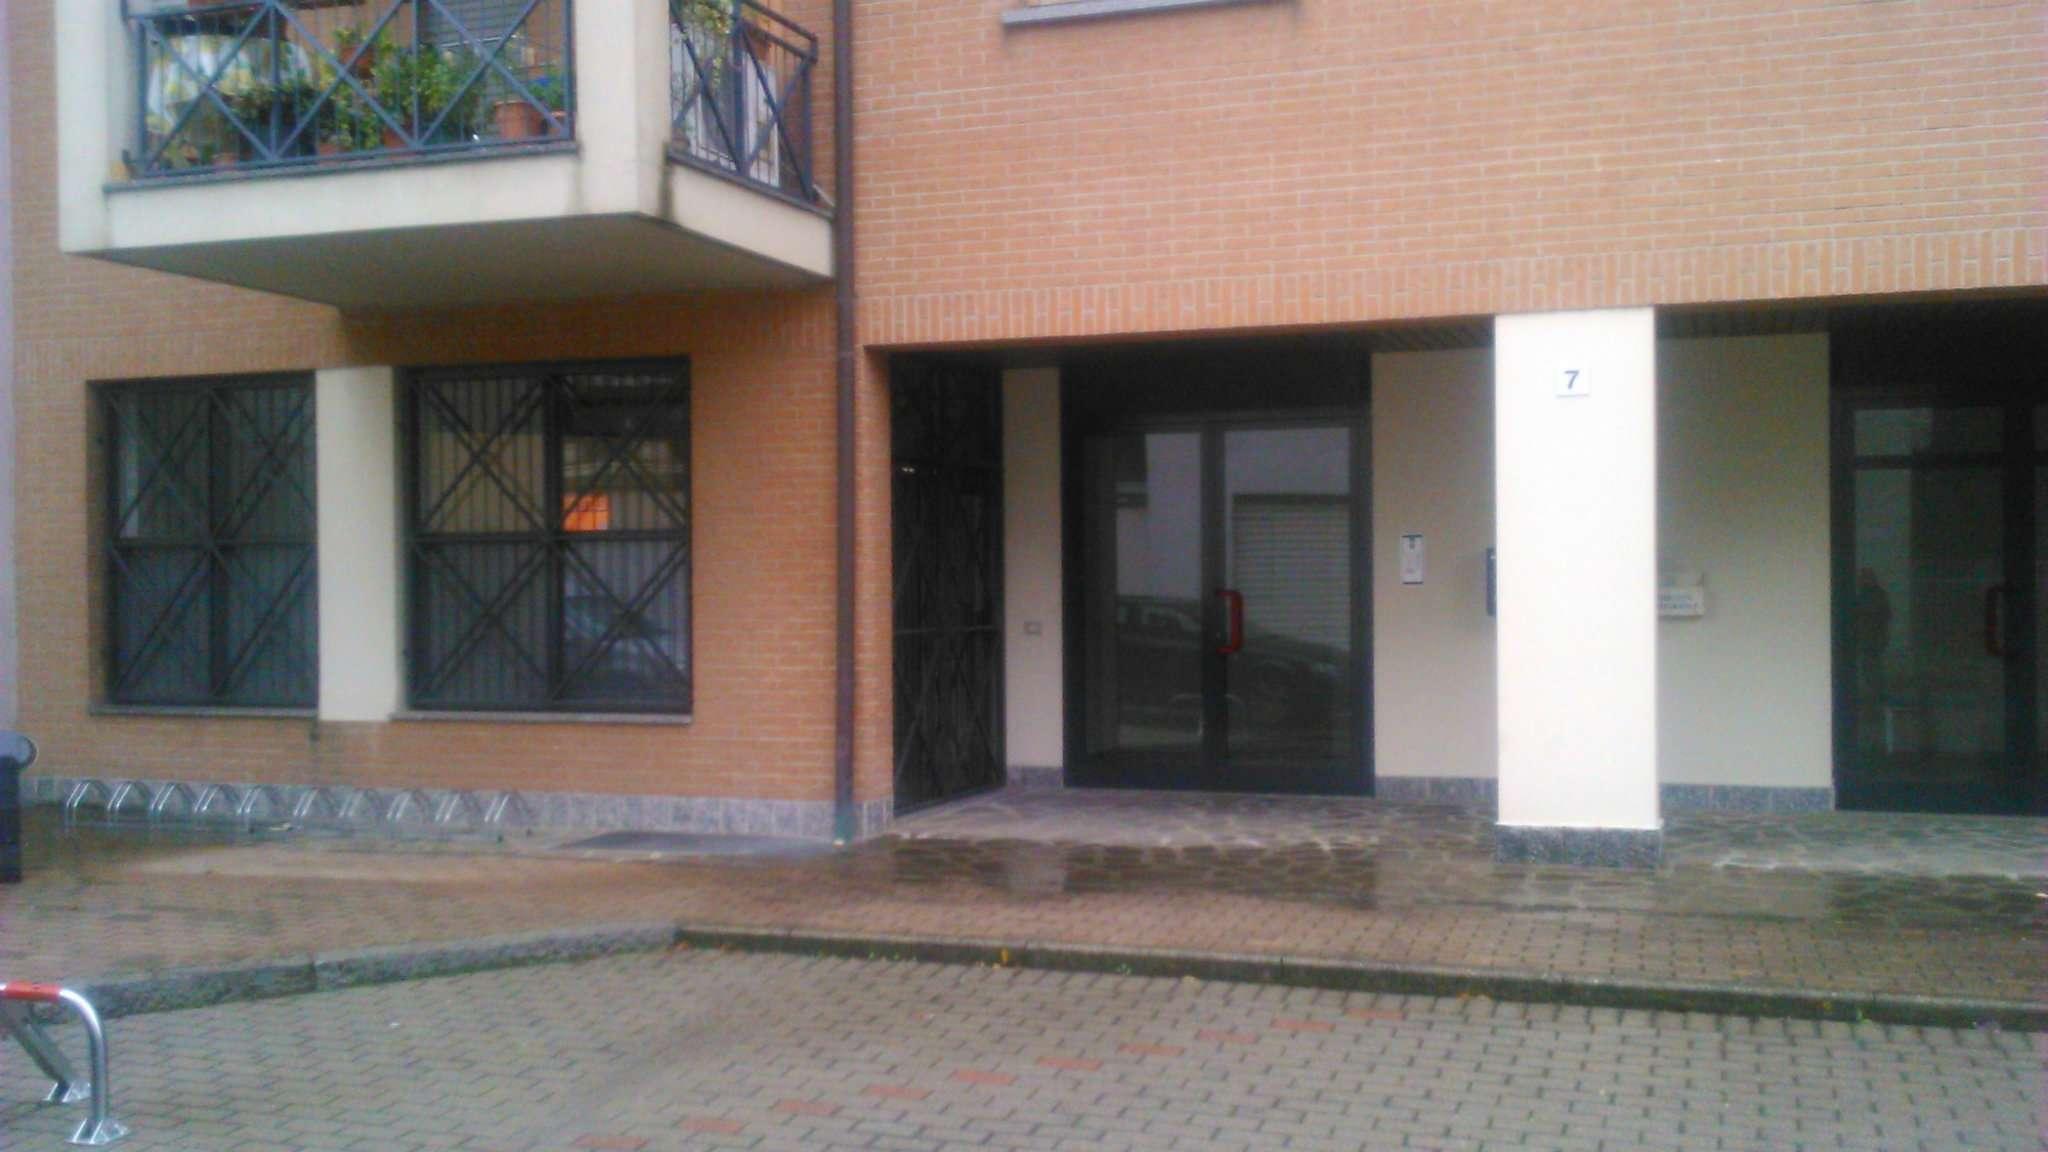 Ufficio / Studio in affitto a Varedo, 3 locali, prezzo € 600 | CambioCasa.it